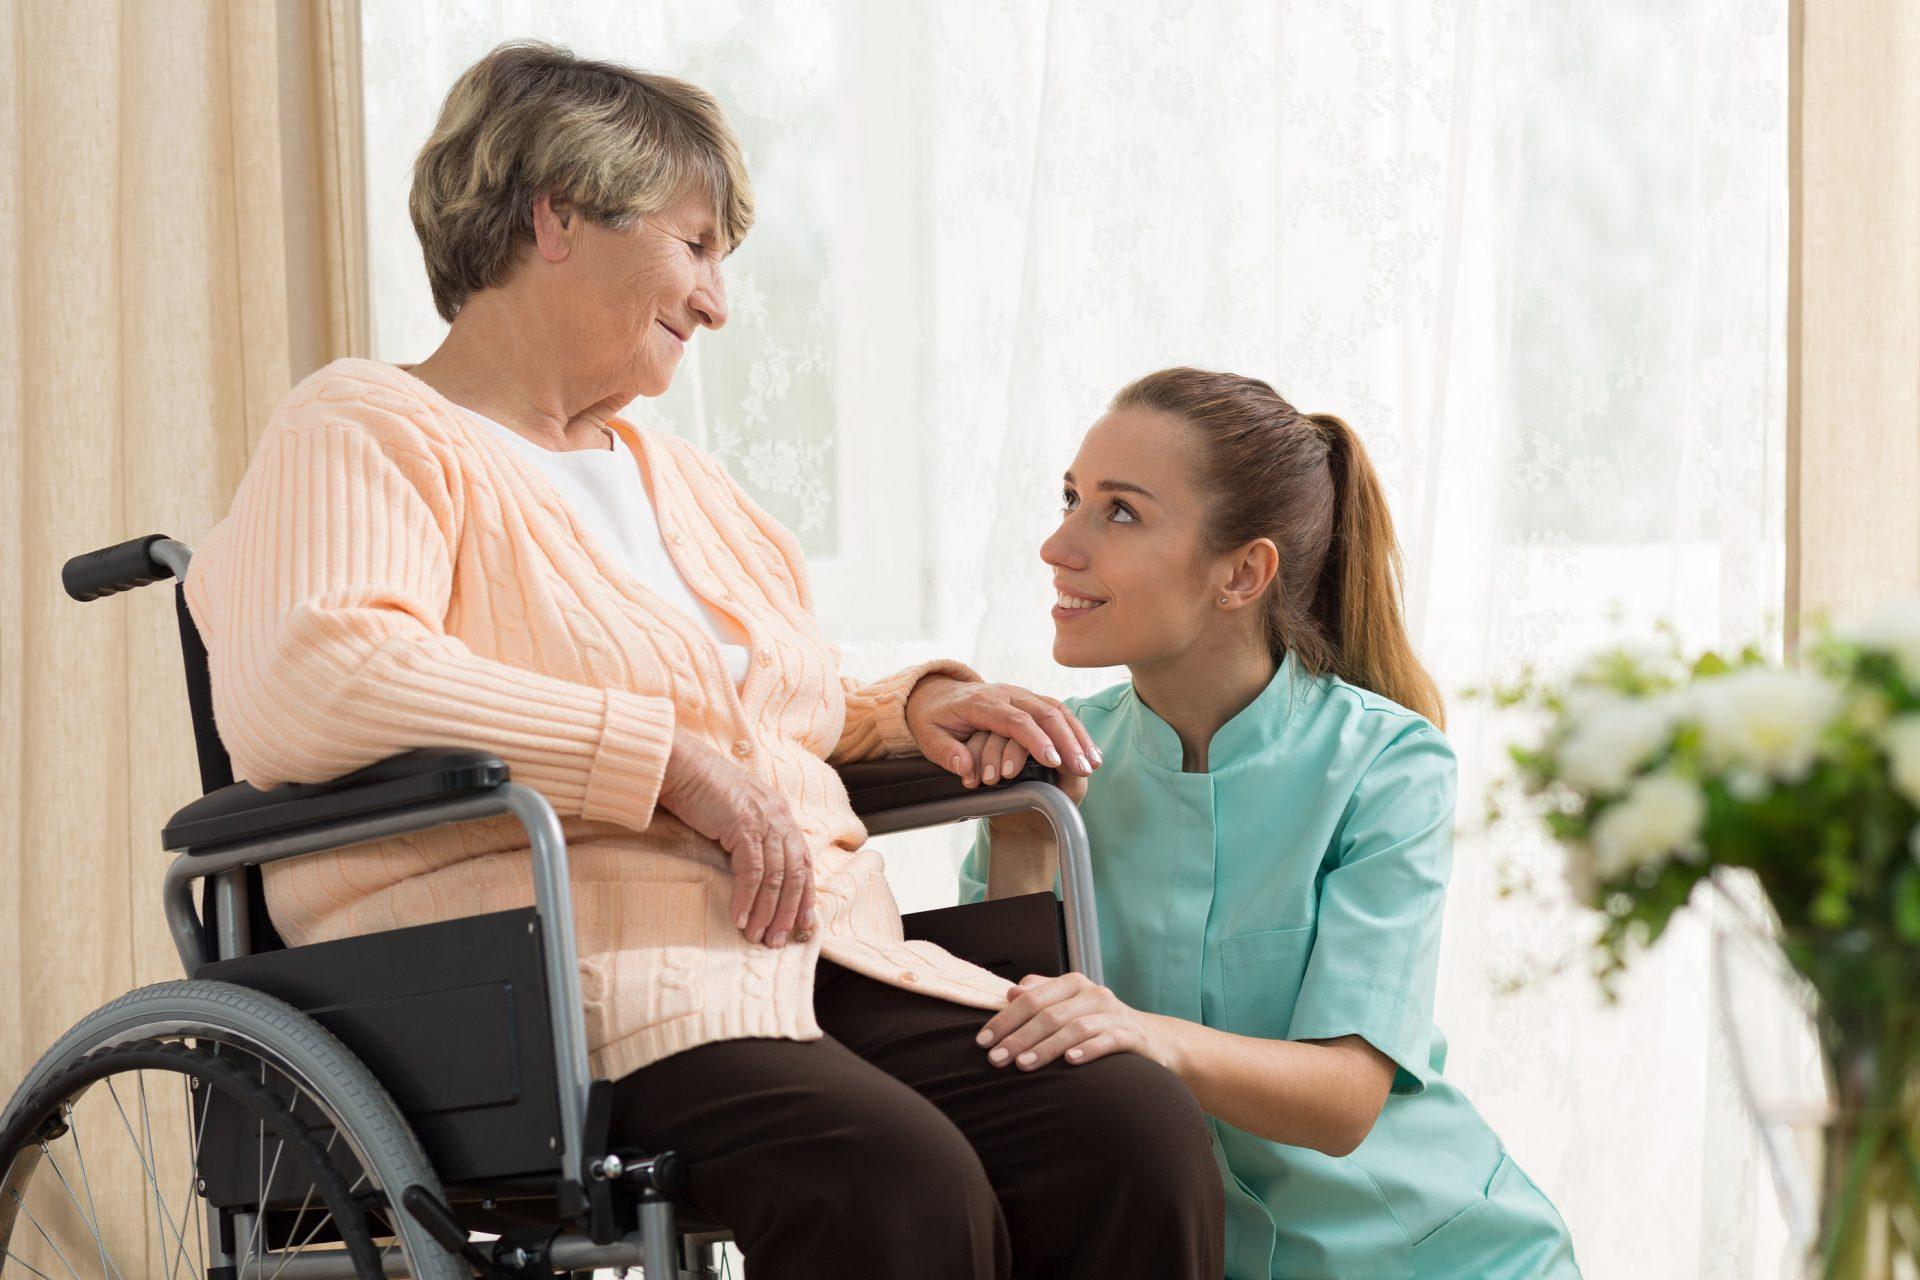 Care Home Impartial Assessor - Team Leader